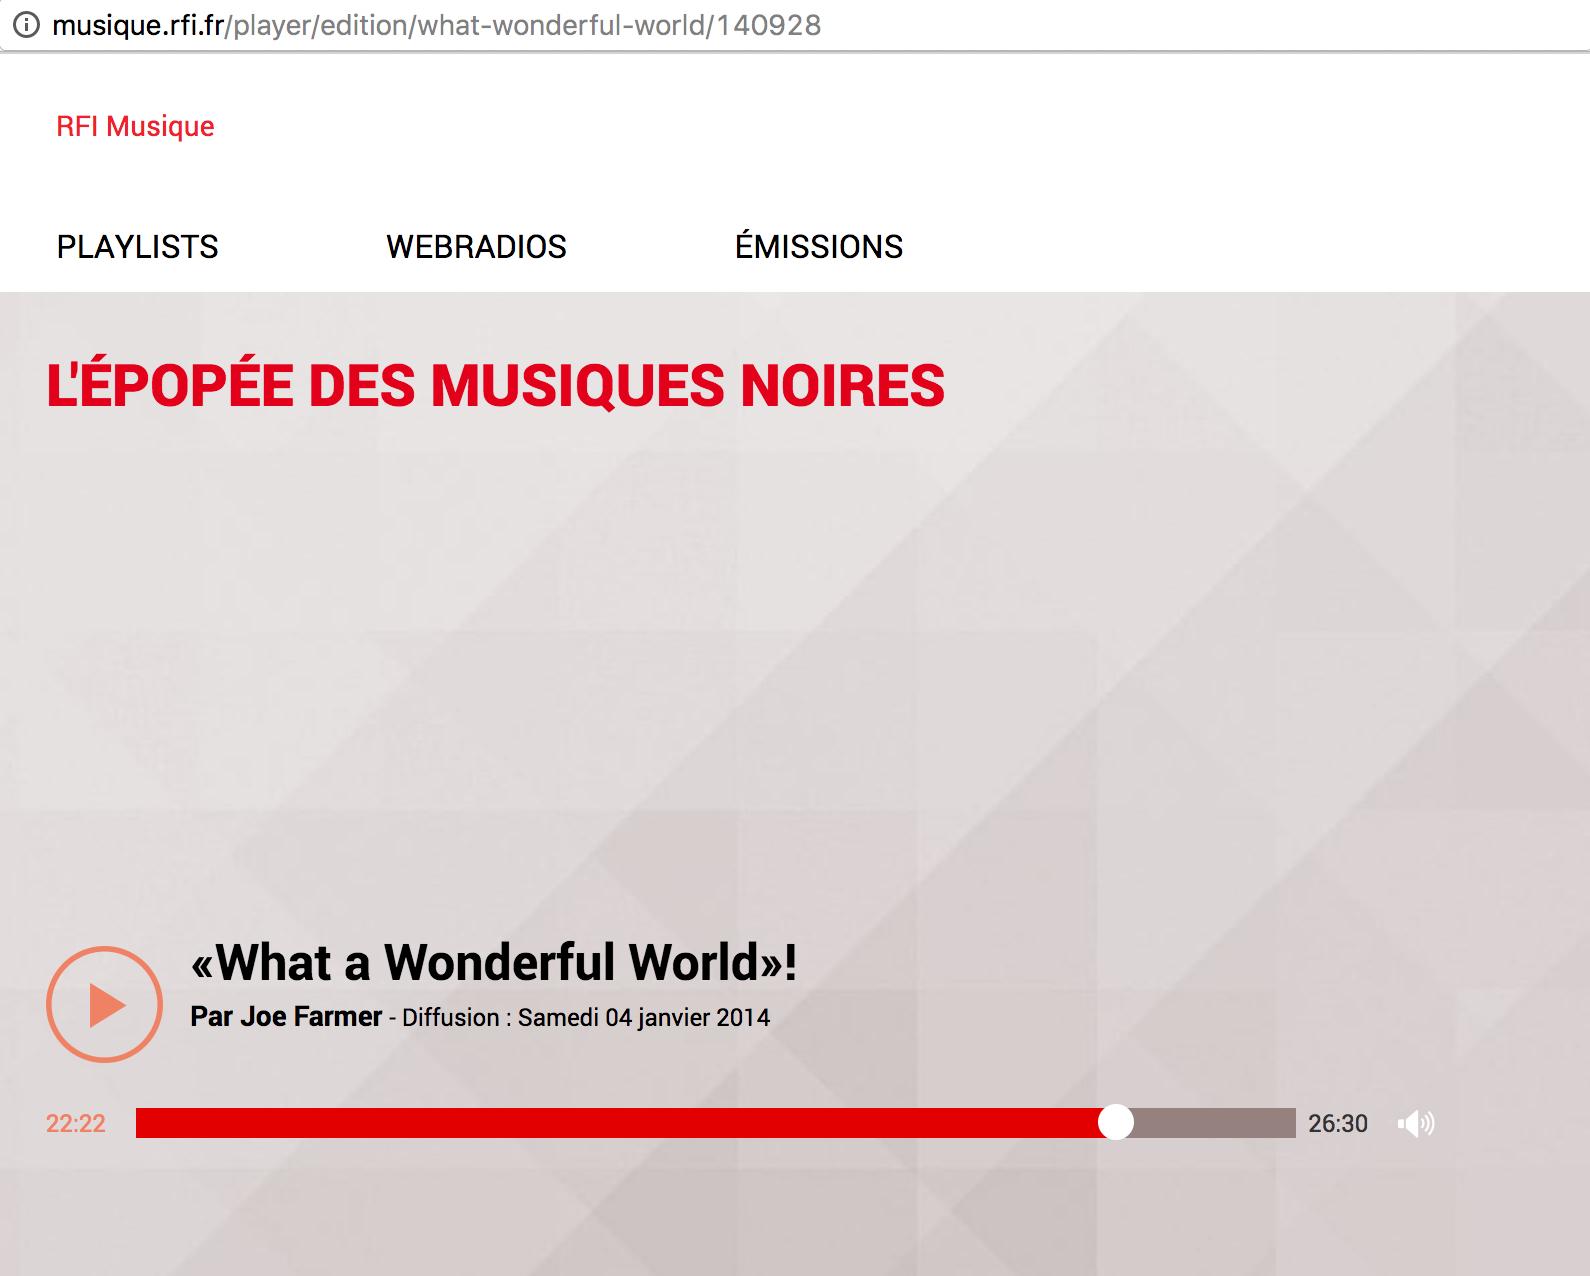 RFI - EPOPEES DES MUSIQUES NOIRES